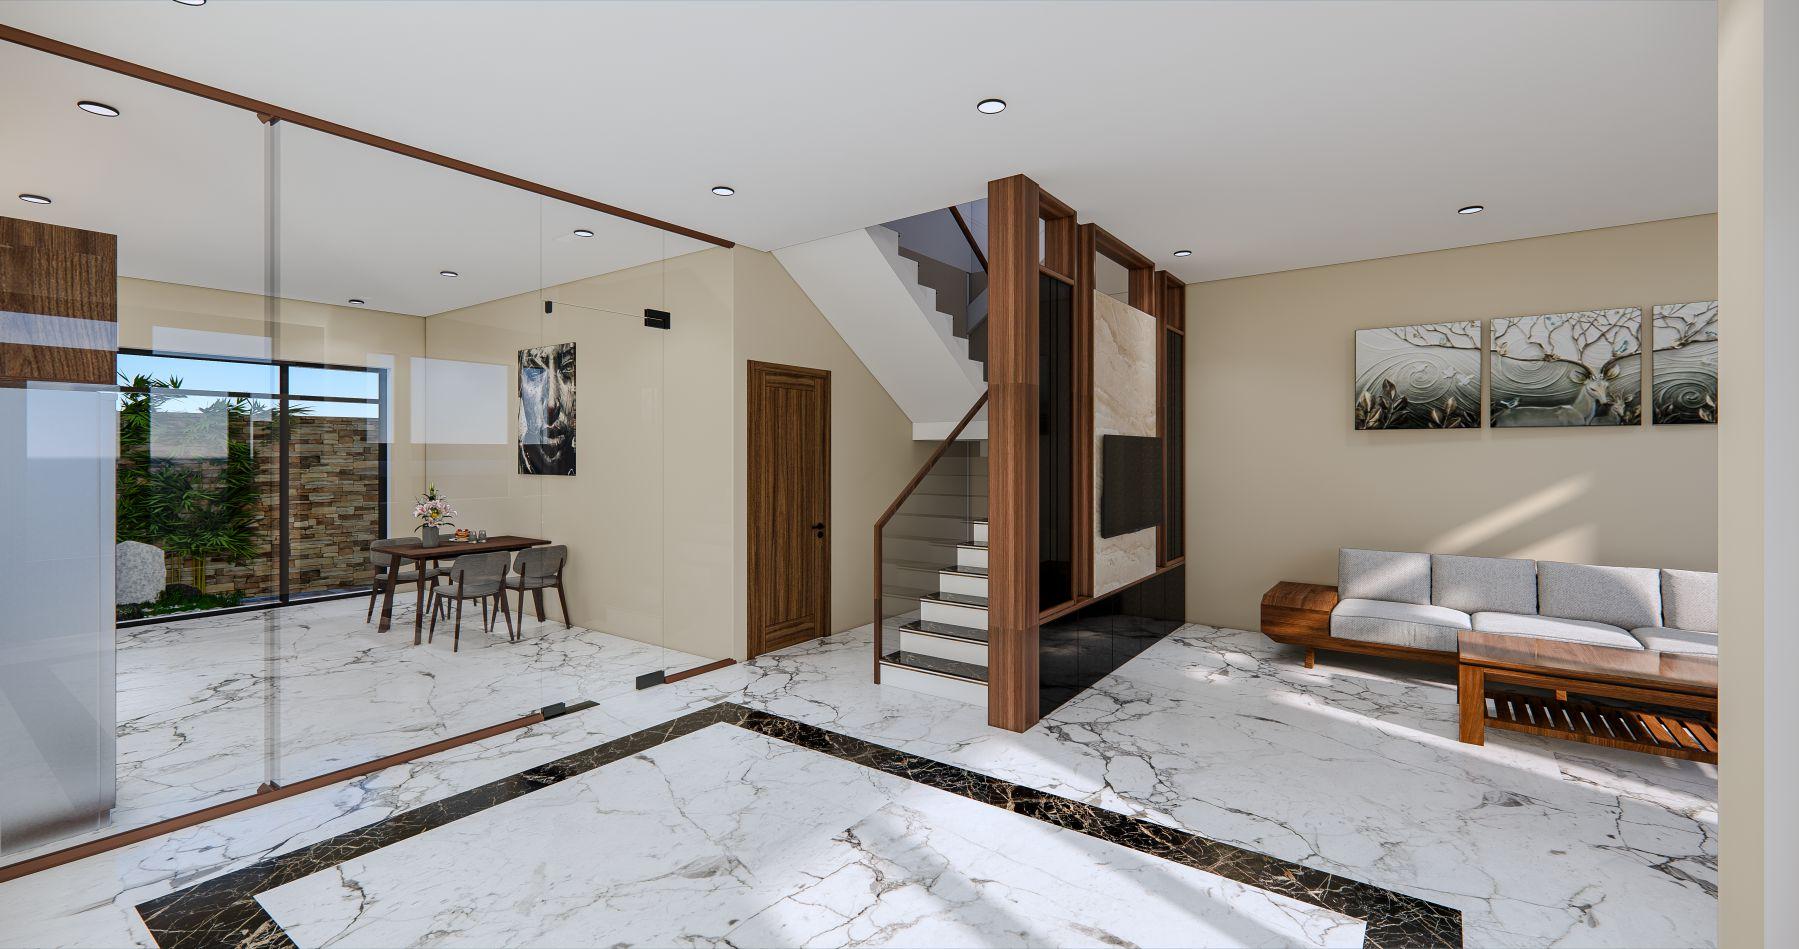 Thiết kế phối cảnh nội thất căn nhà, nhìn từ cửa chính.